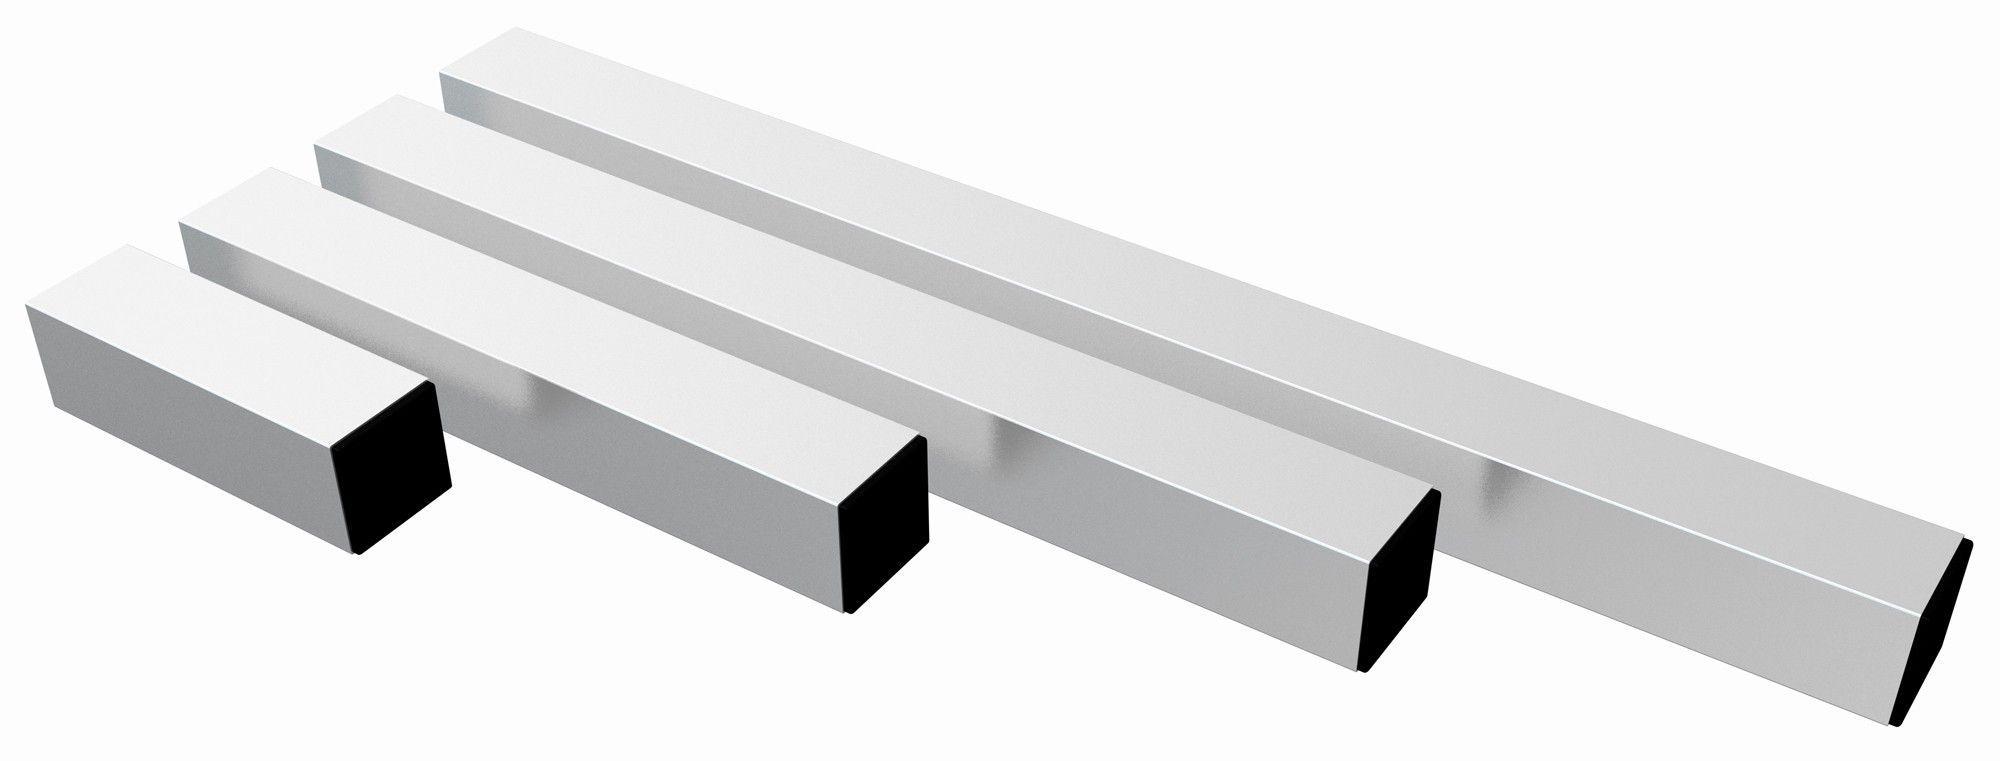 Afbeelding van Power Dynamics Aluminium poten vierkant 80cm (Set van 4 stuks)...